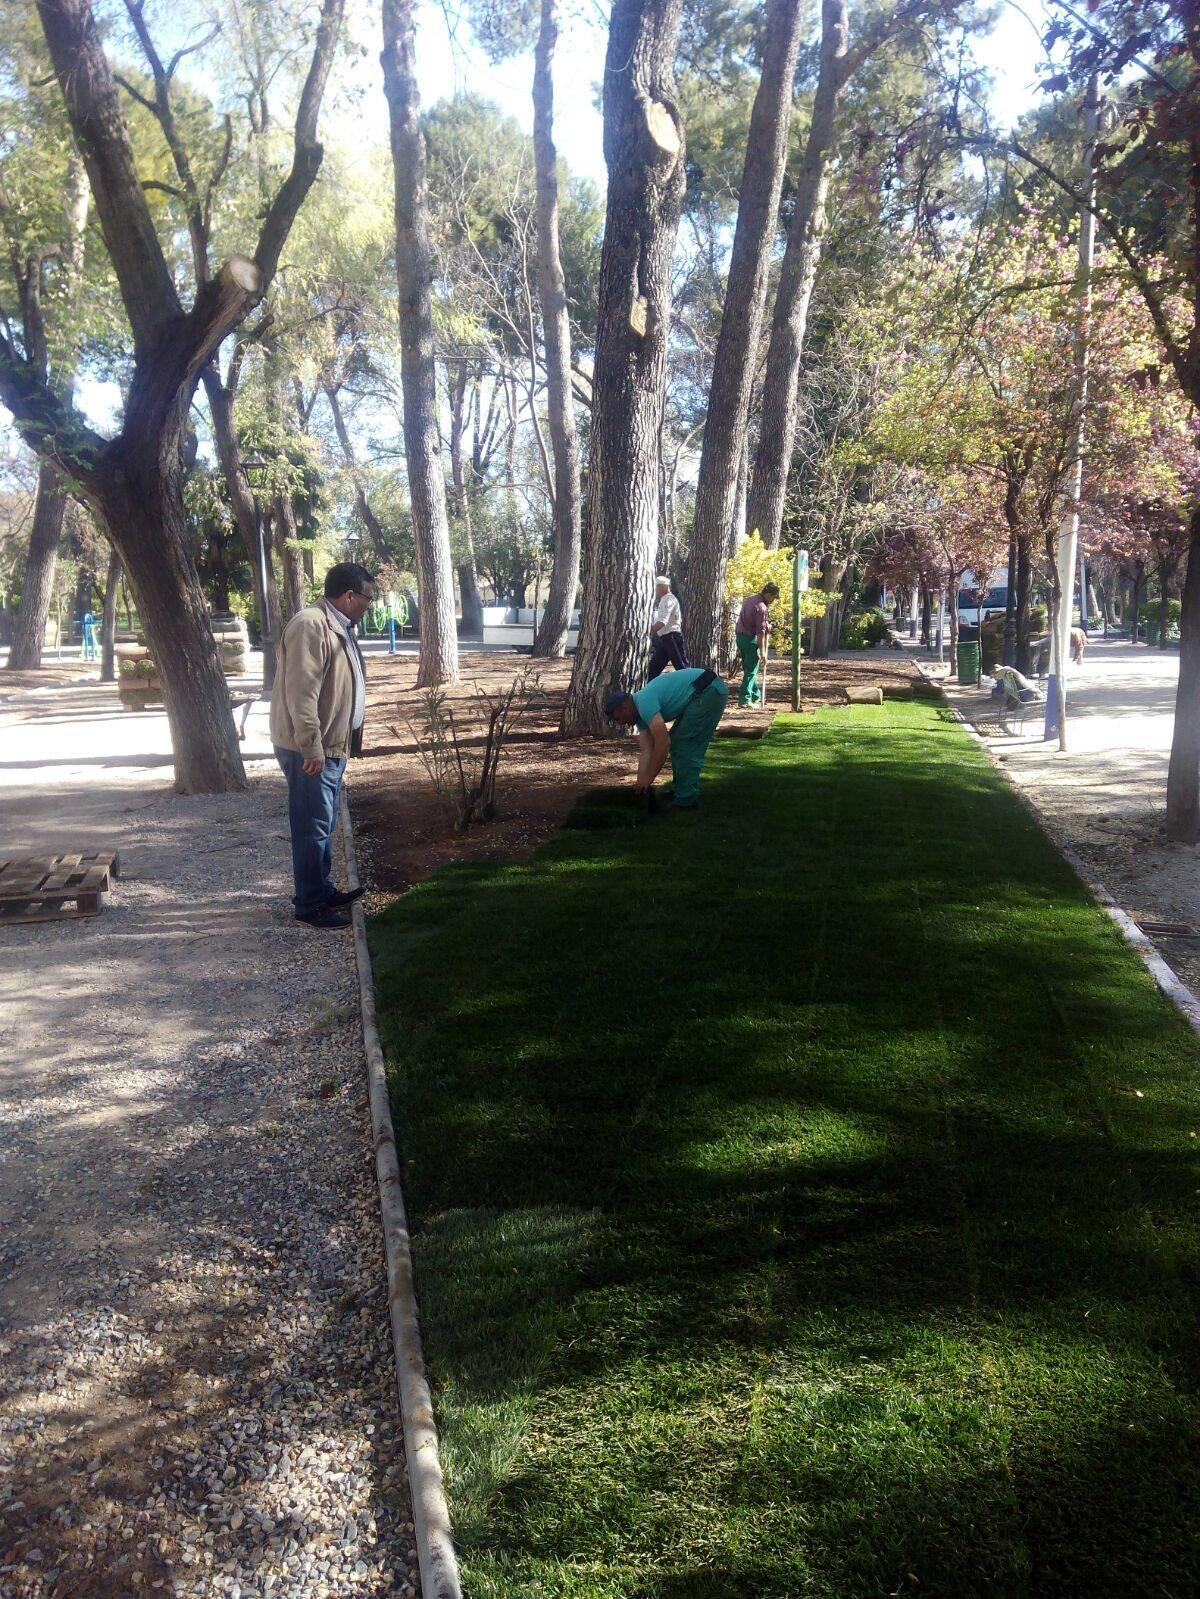 renovando praderas cesped parque herencia - Las obras de renovación del Parque Municipal casi acabadas